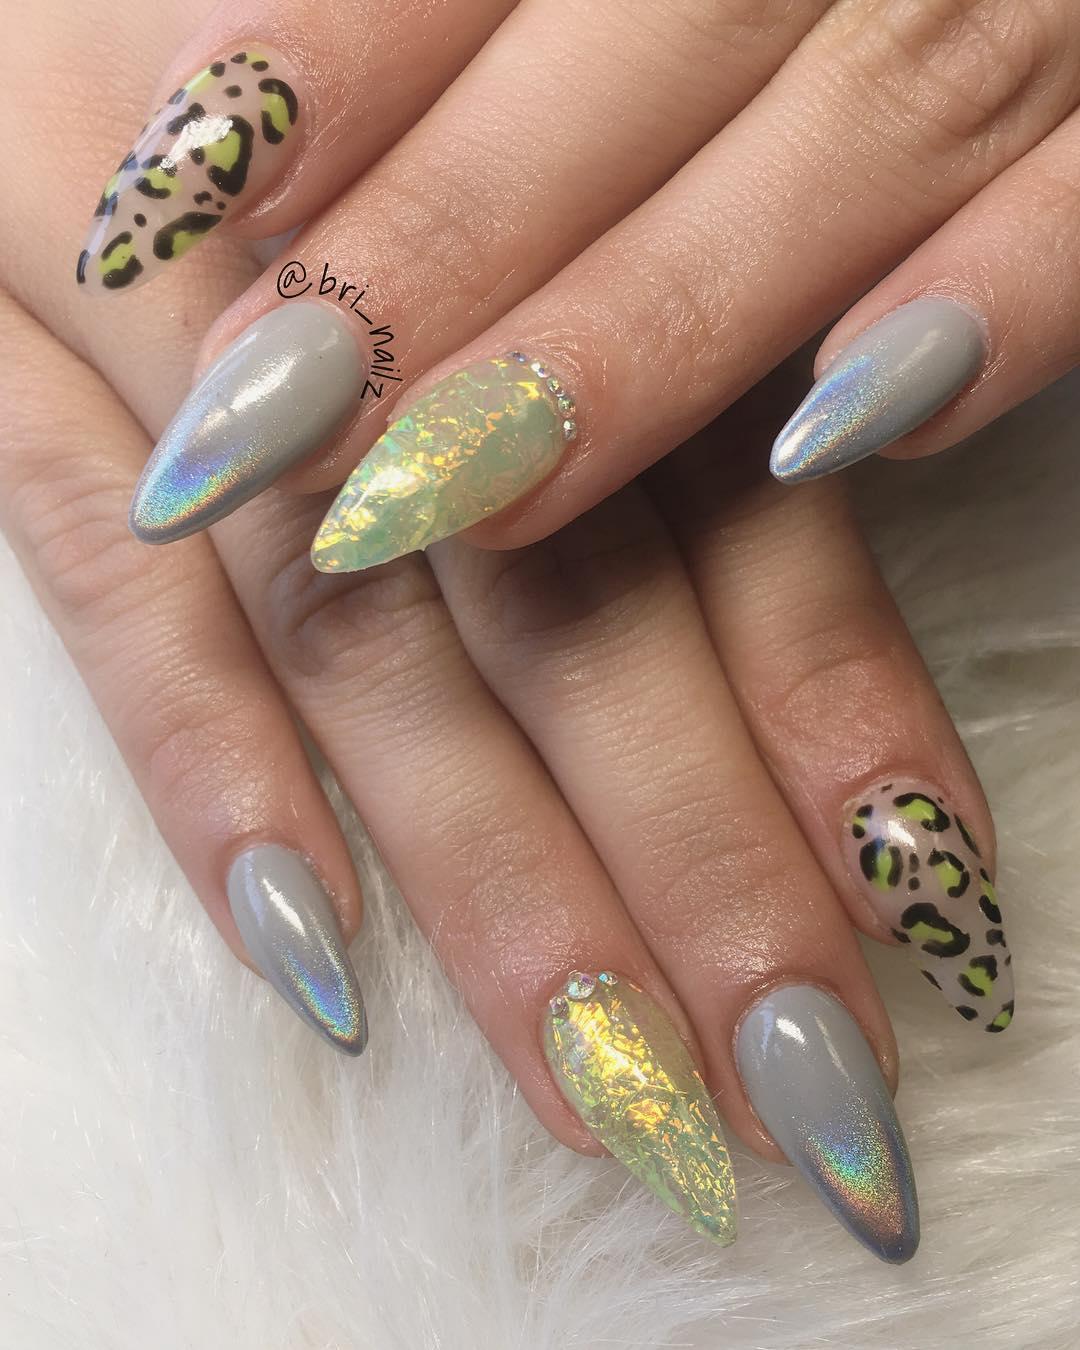 cheetah nail art designs and ideas for 2019 5 - 25 Cheetah Nail Art Designs and Ideas for 2019